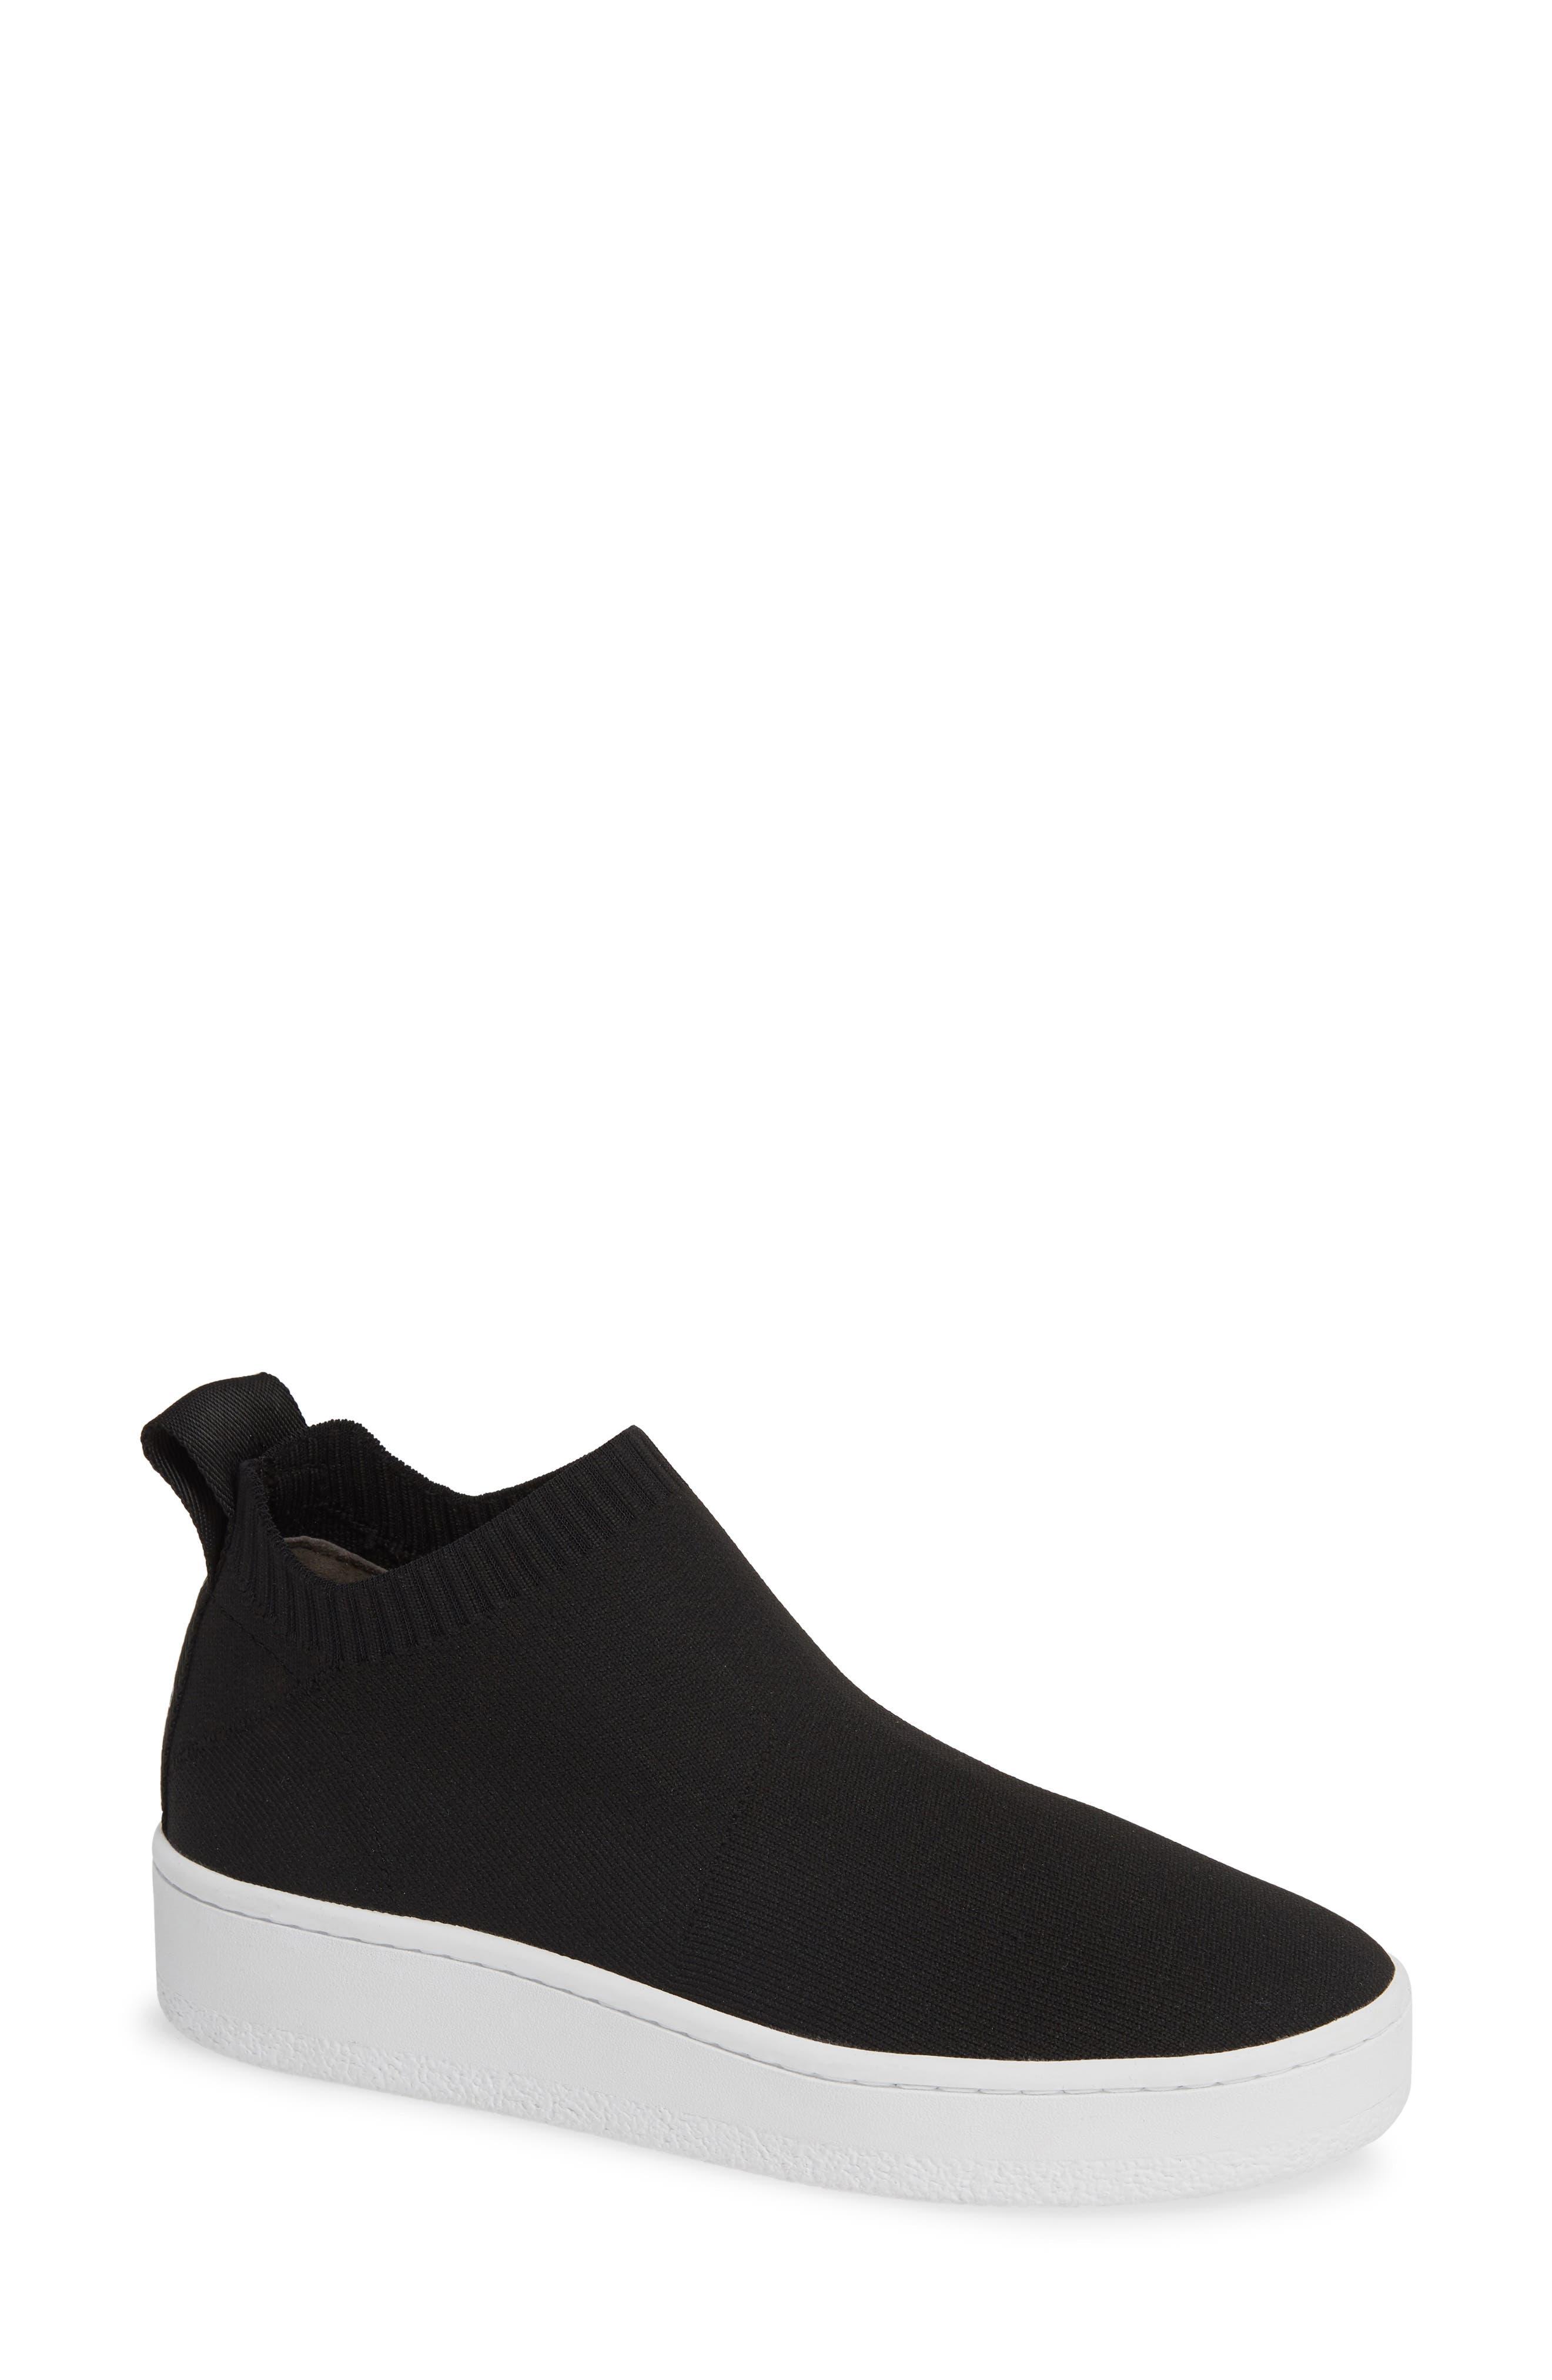 Orion Platform Sneaker, Main, color, 001